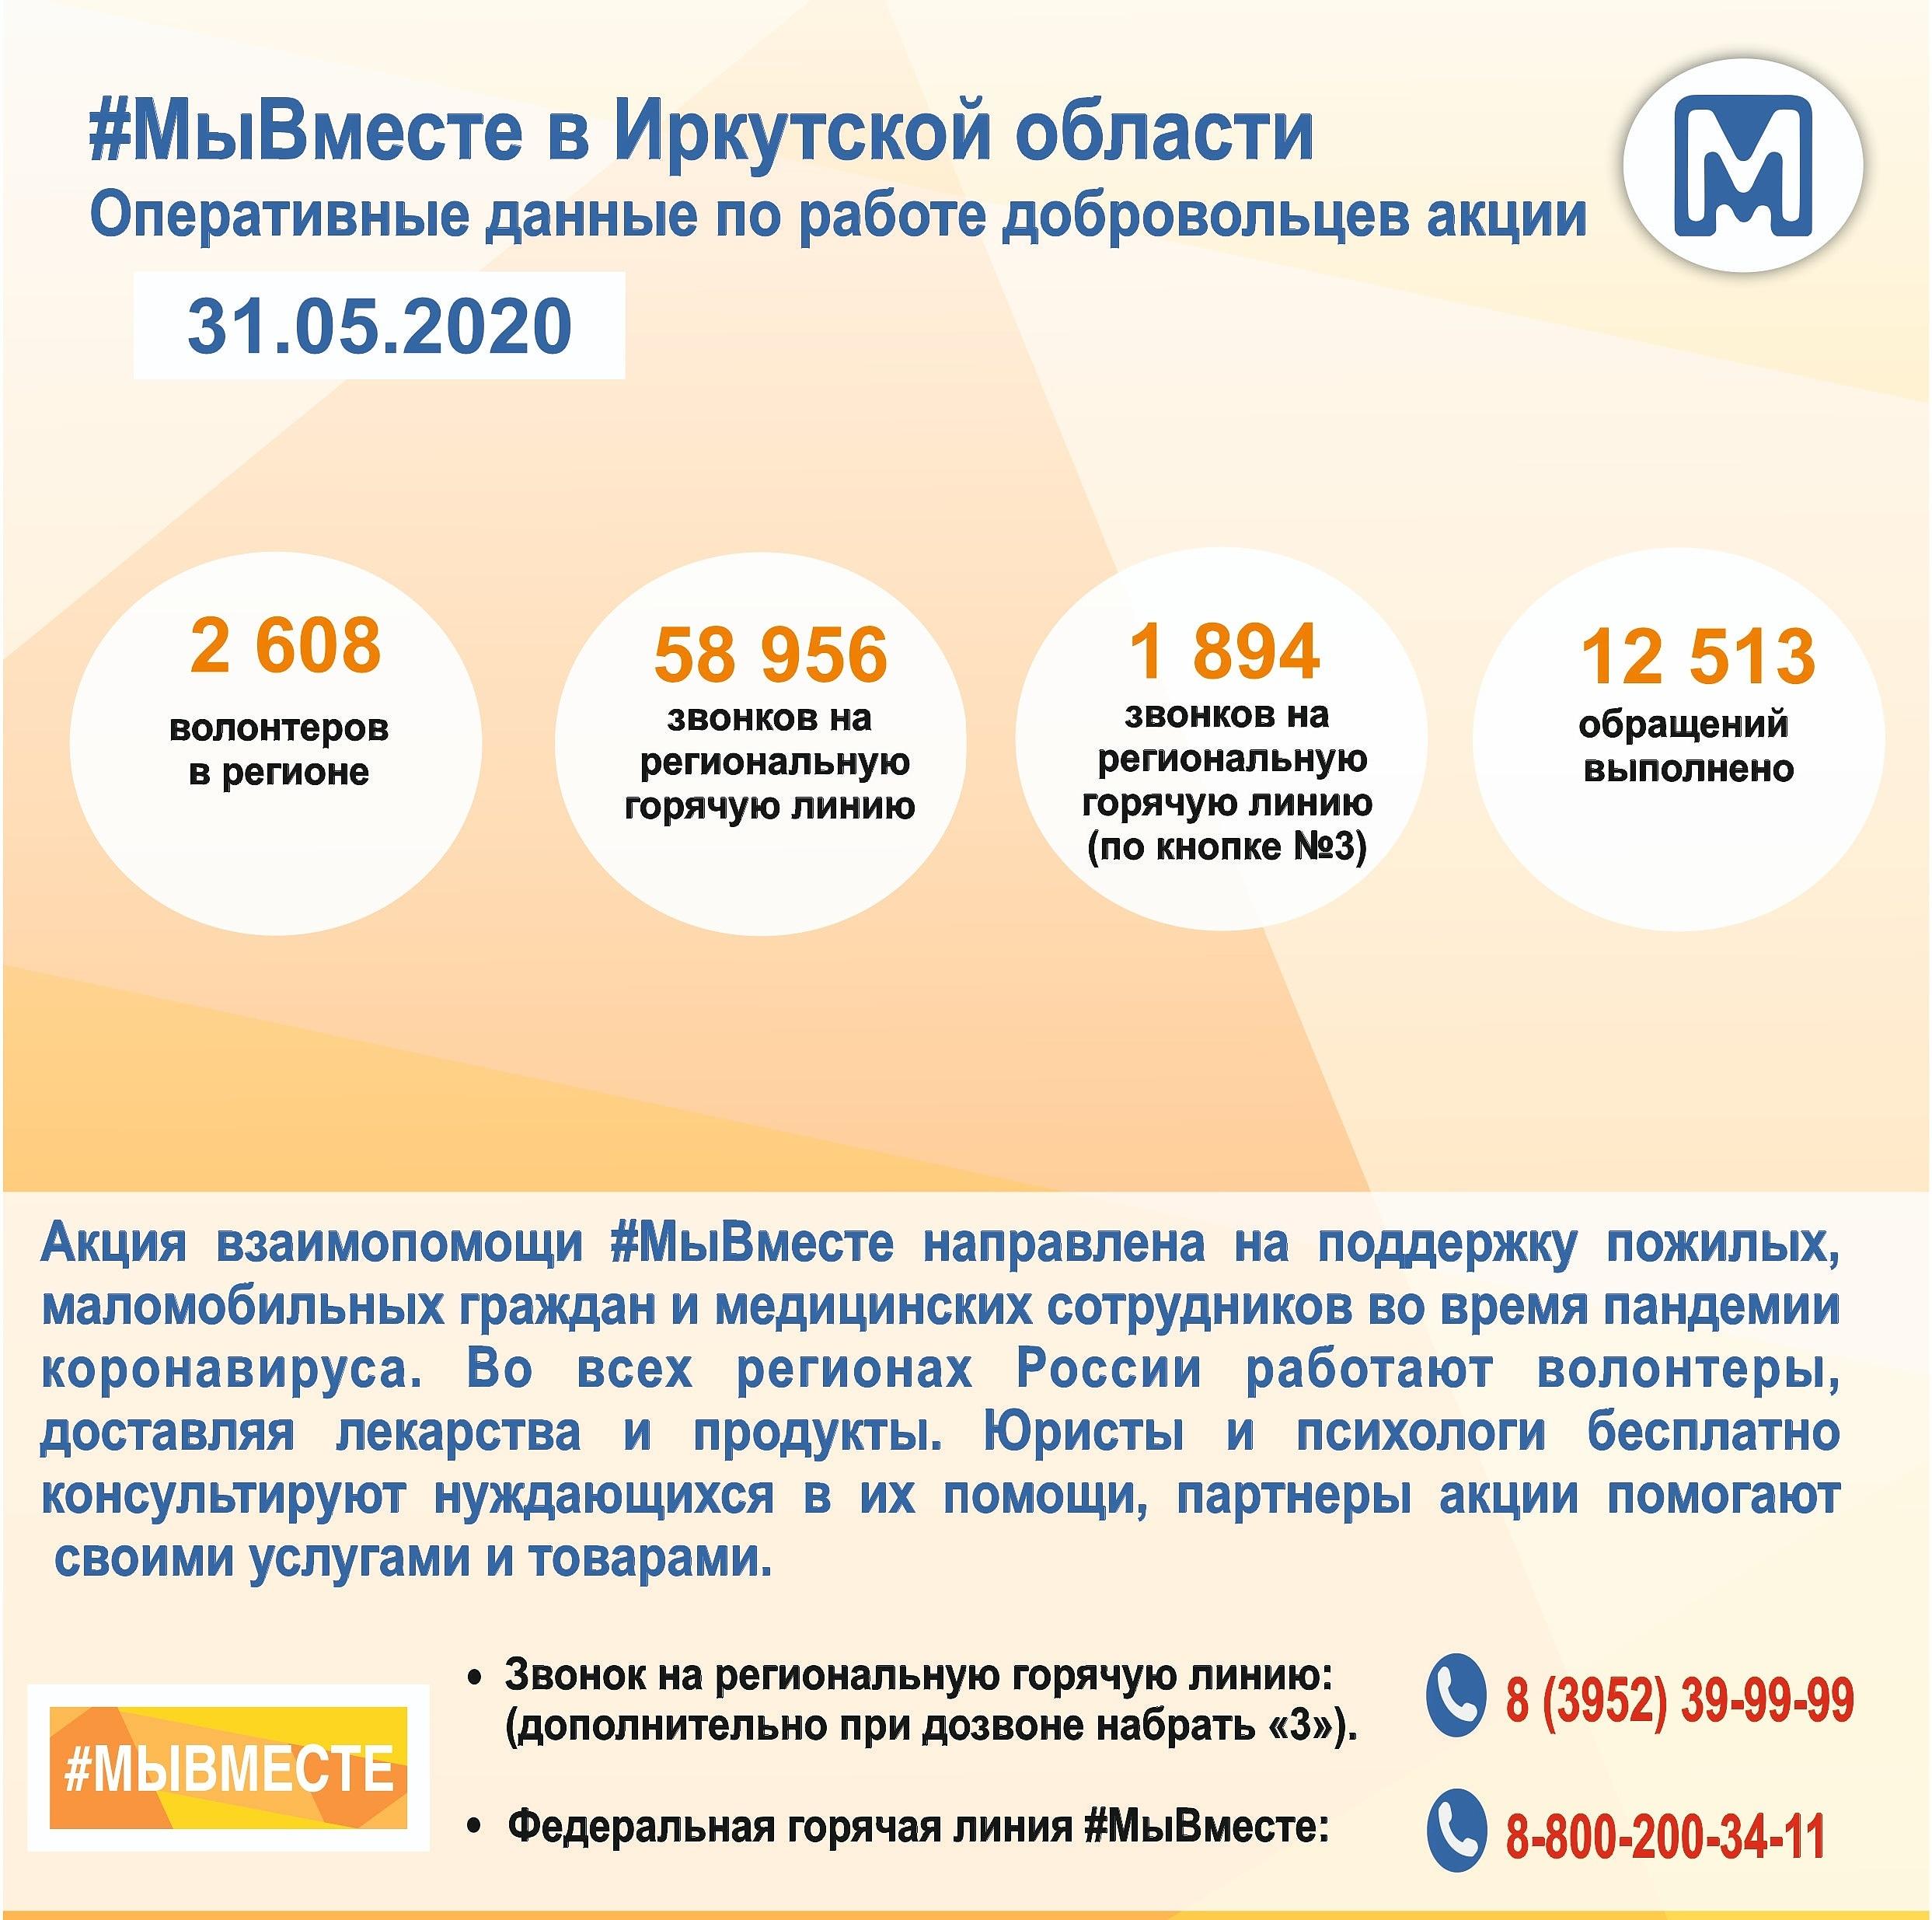 Проект #МыВместе продолжает набирать волонтёров!